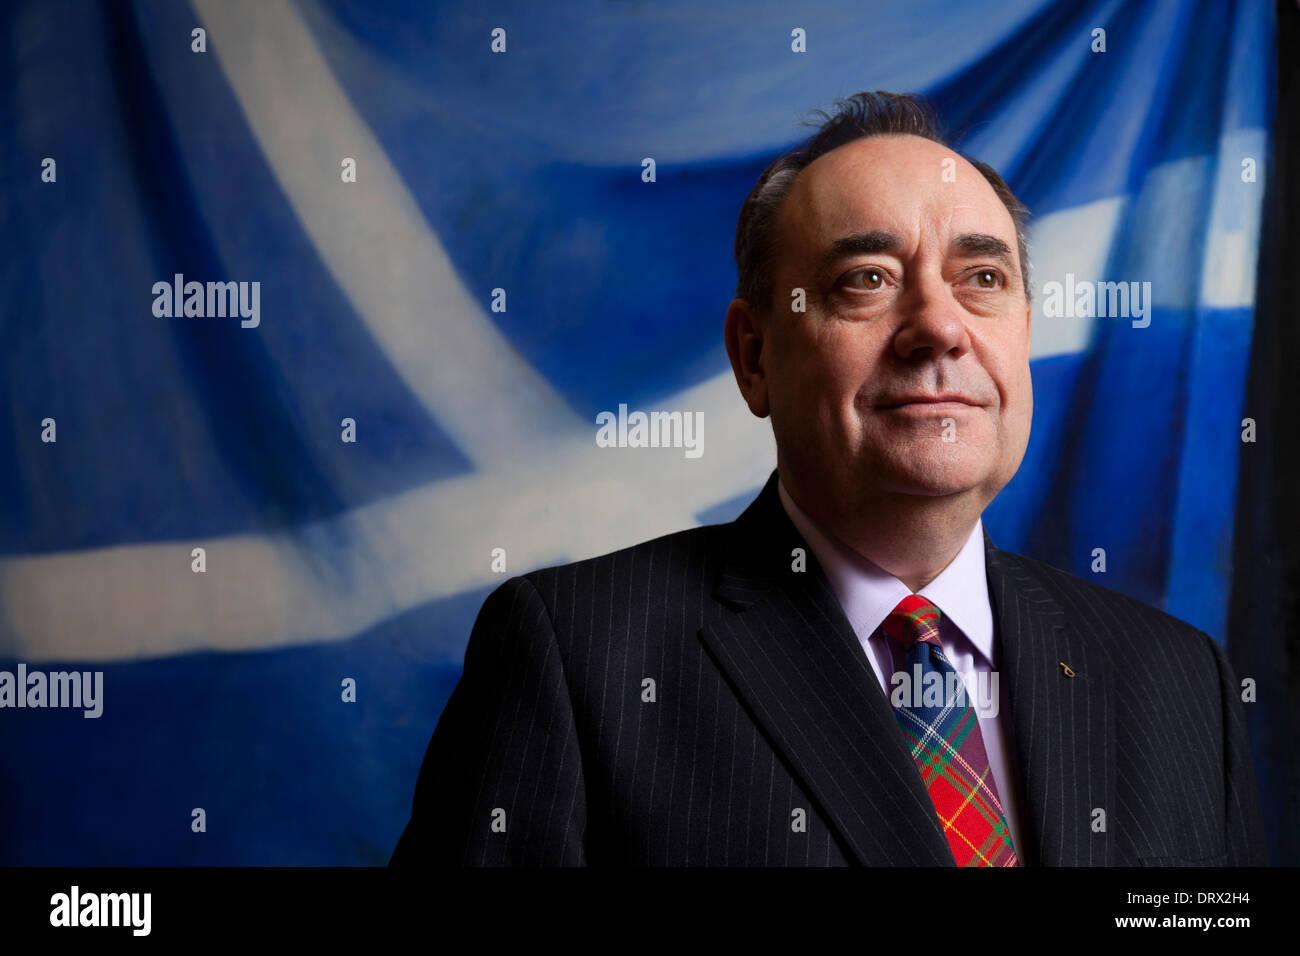 Premier ministre Alex Salmond MSP dans son bureau au parlement écossais Photo Stock